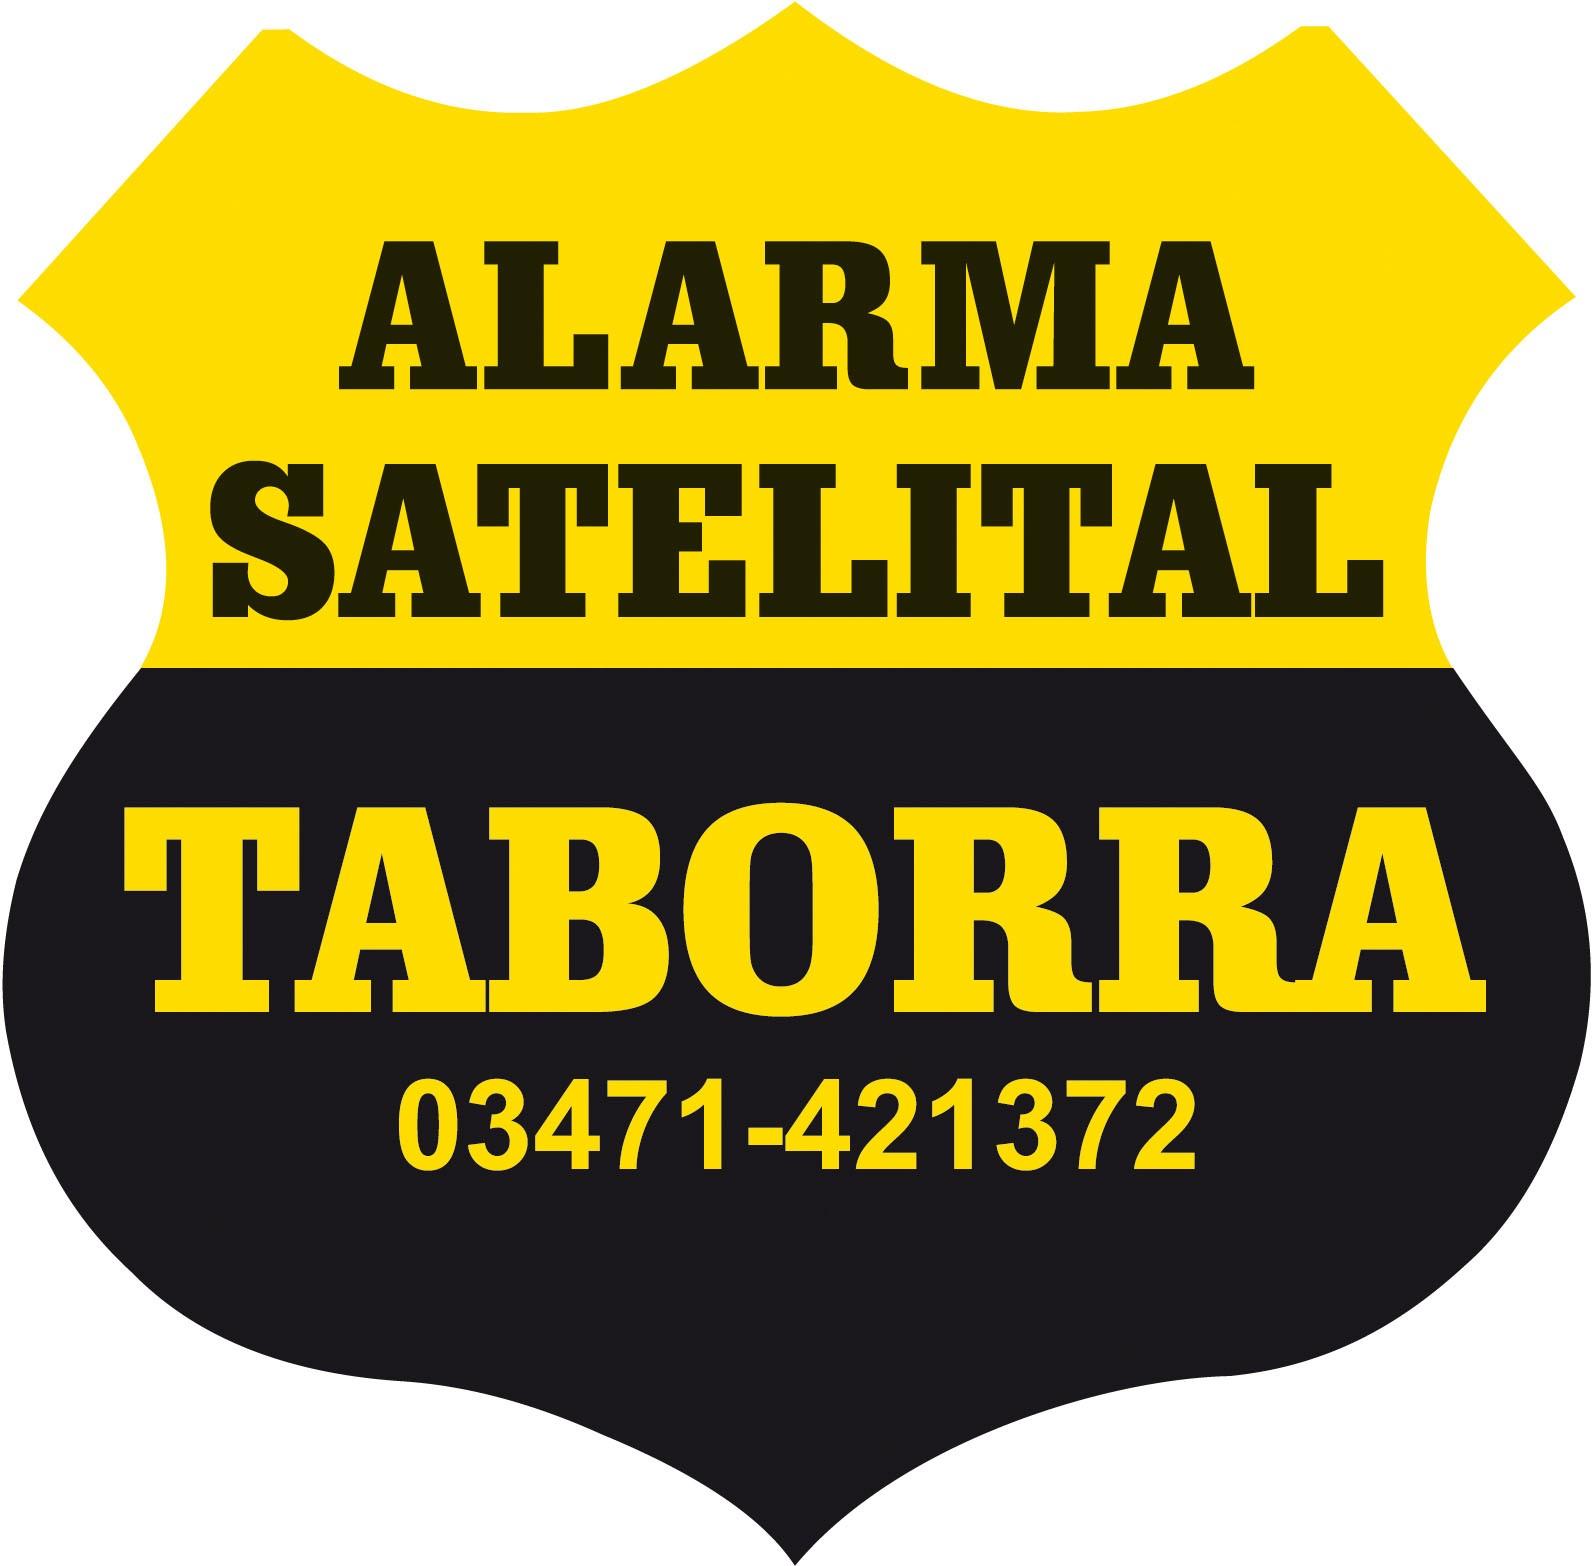 Taborra